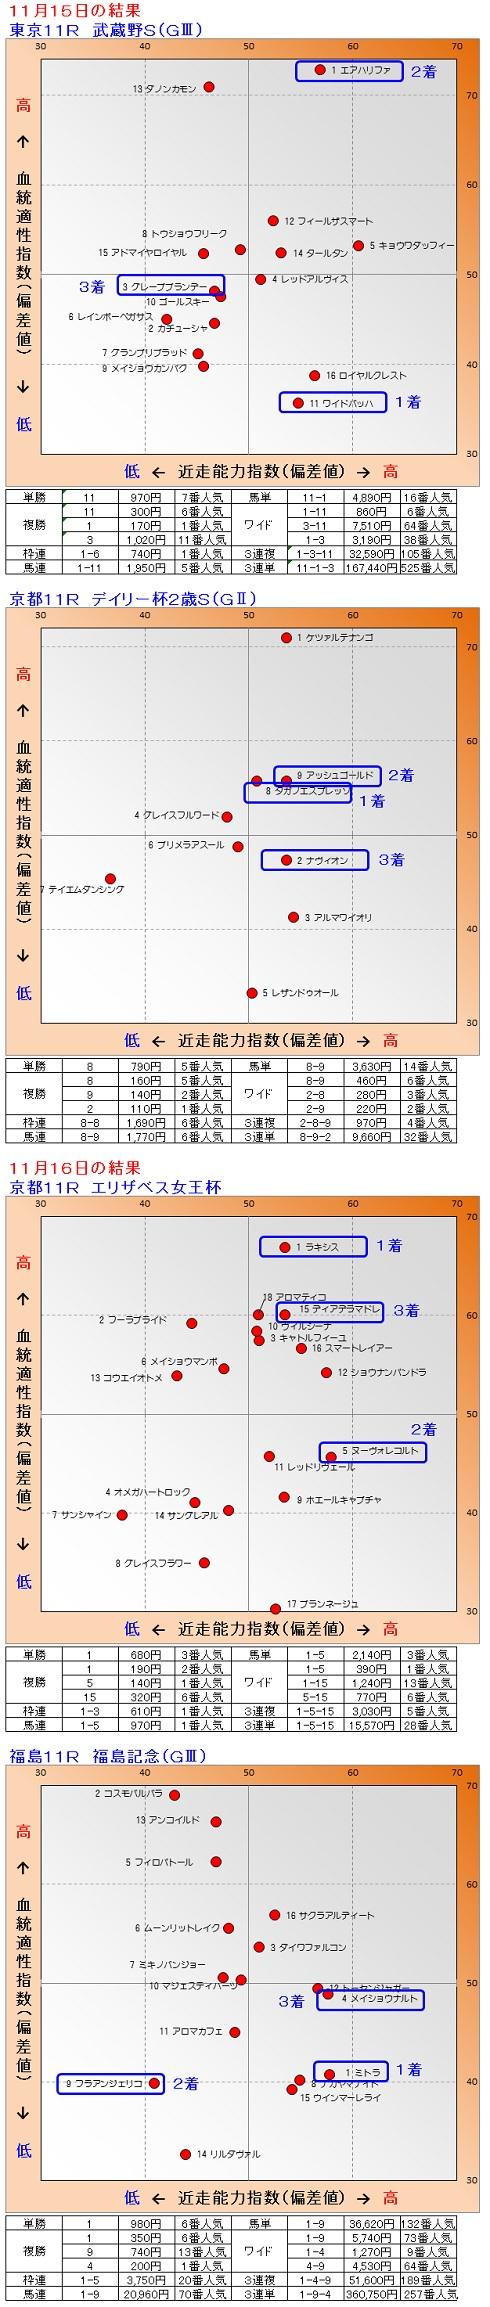 2014-11-1516結果